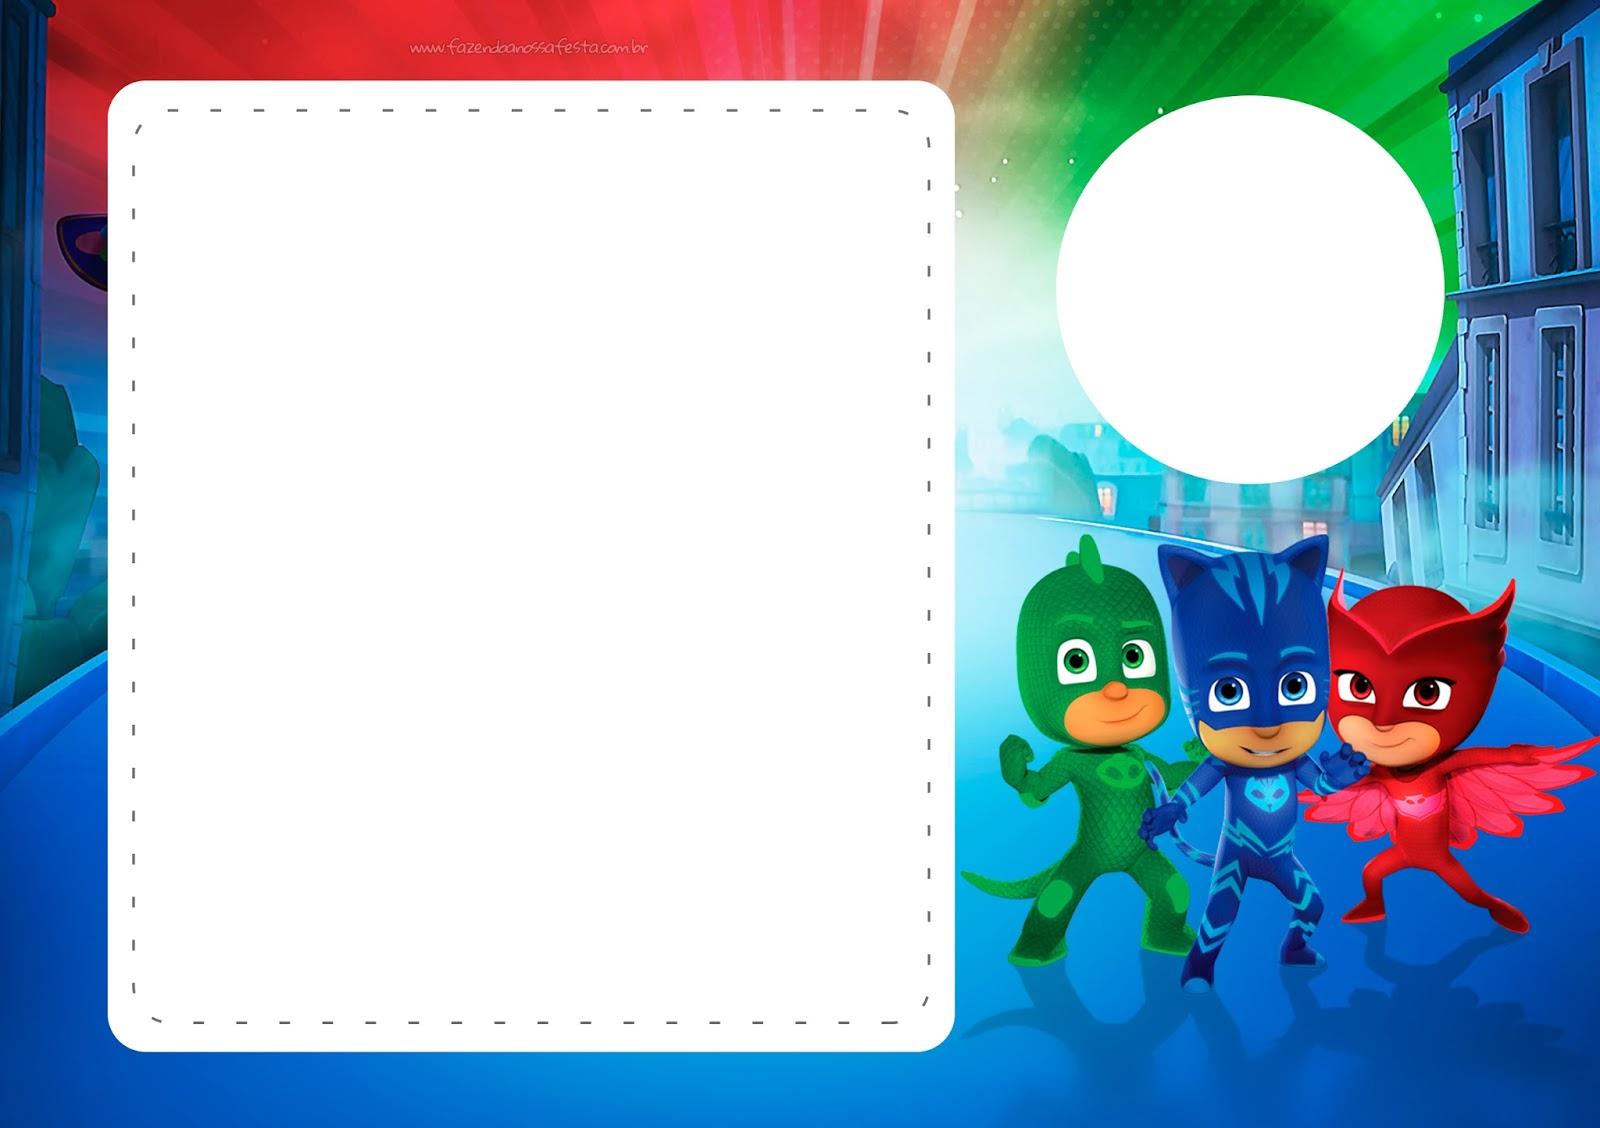 pj masks free printable invitations